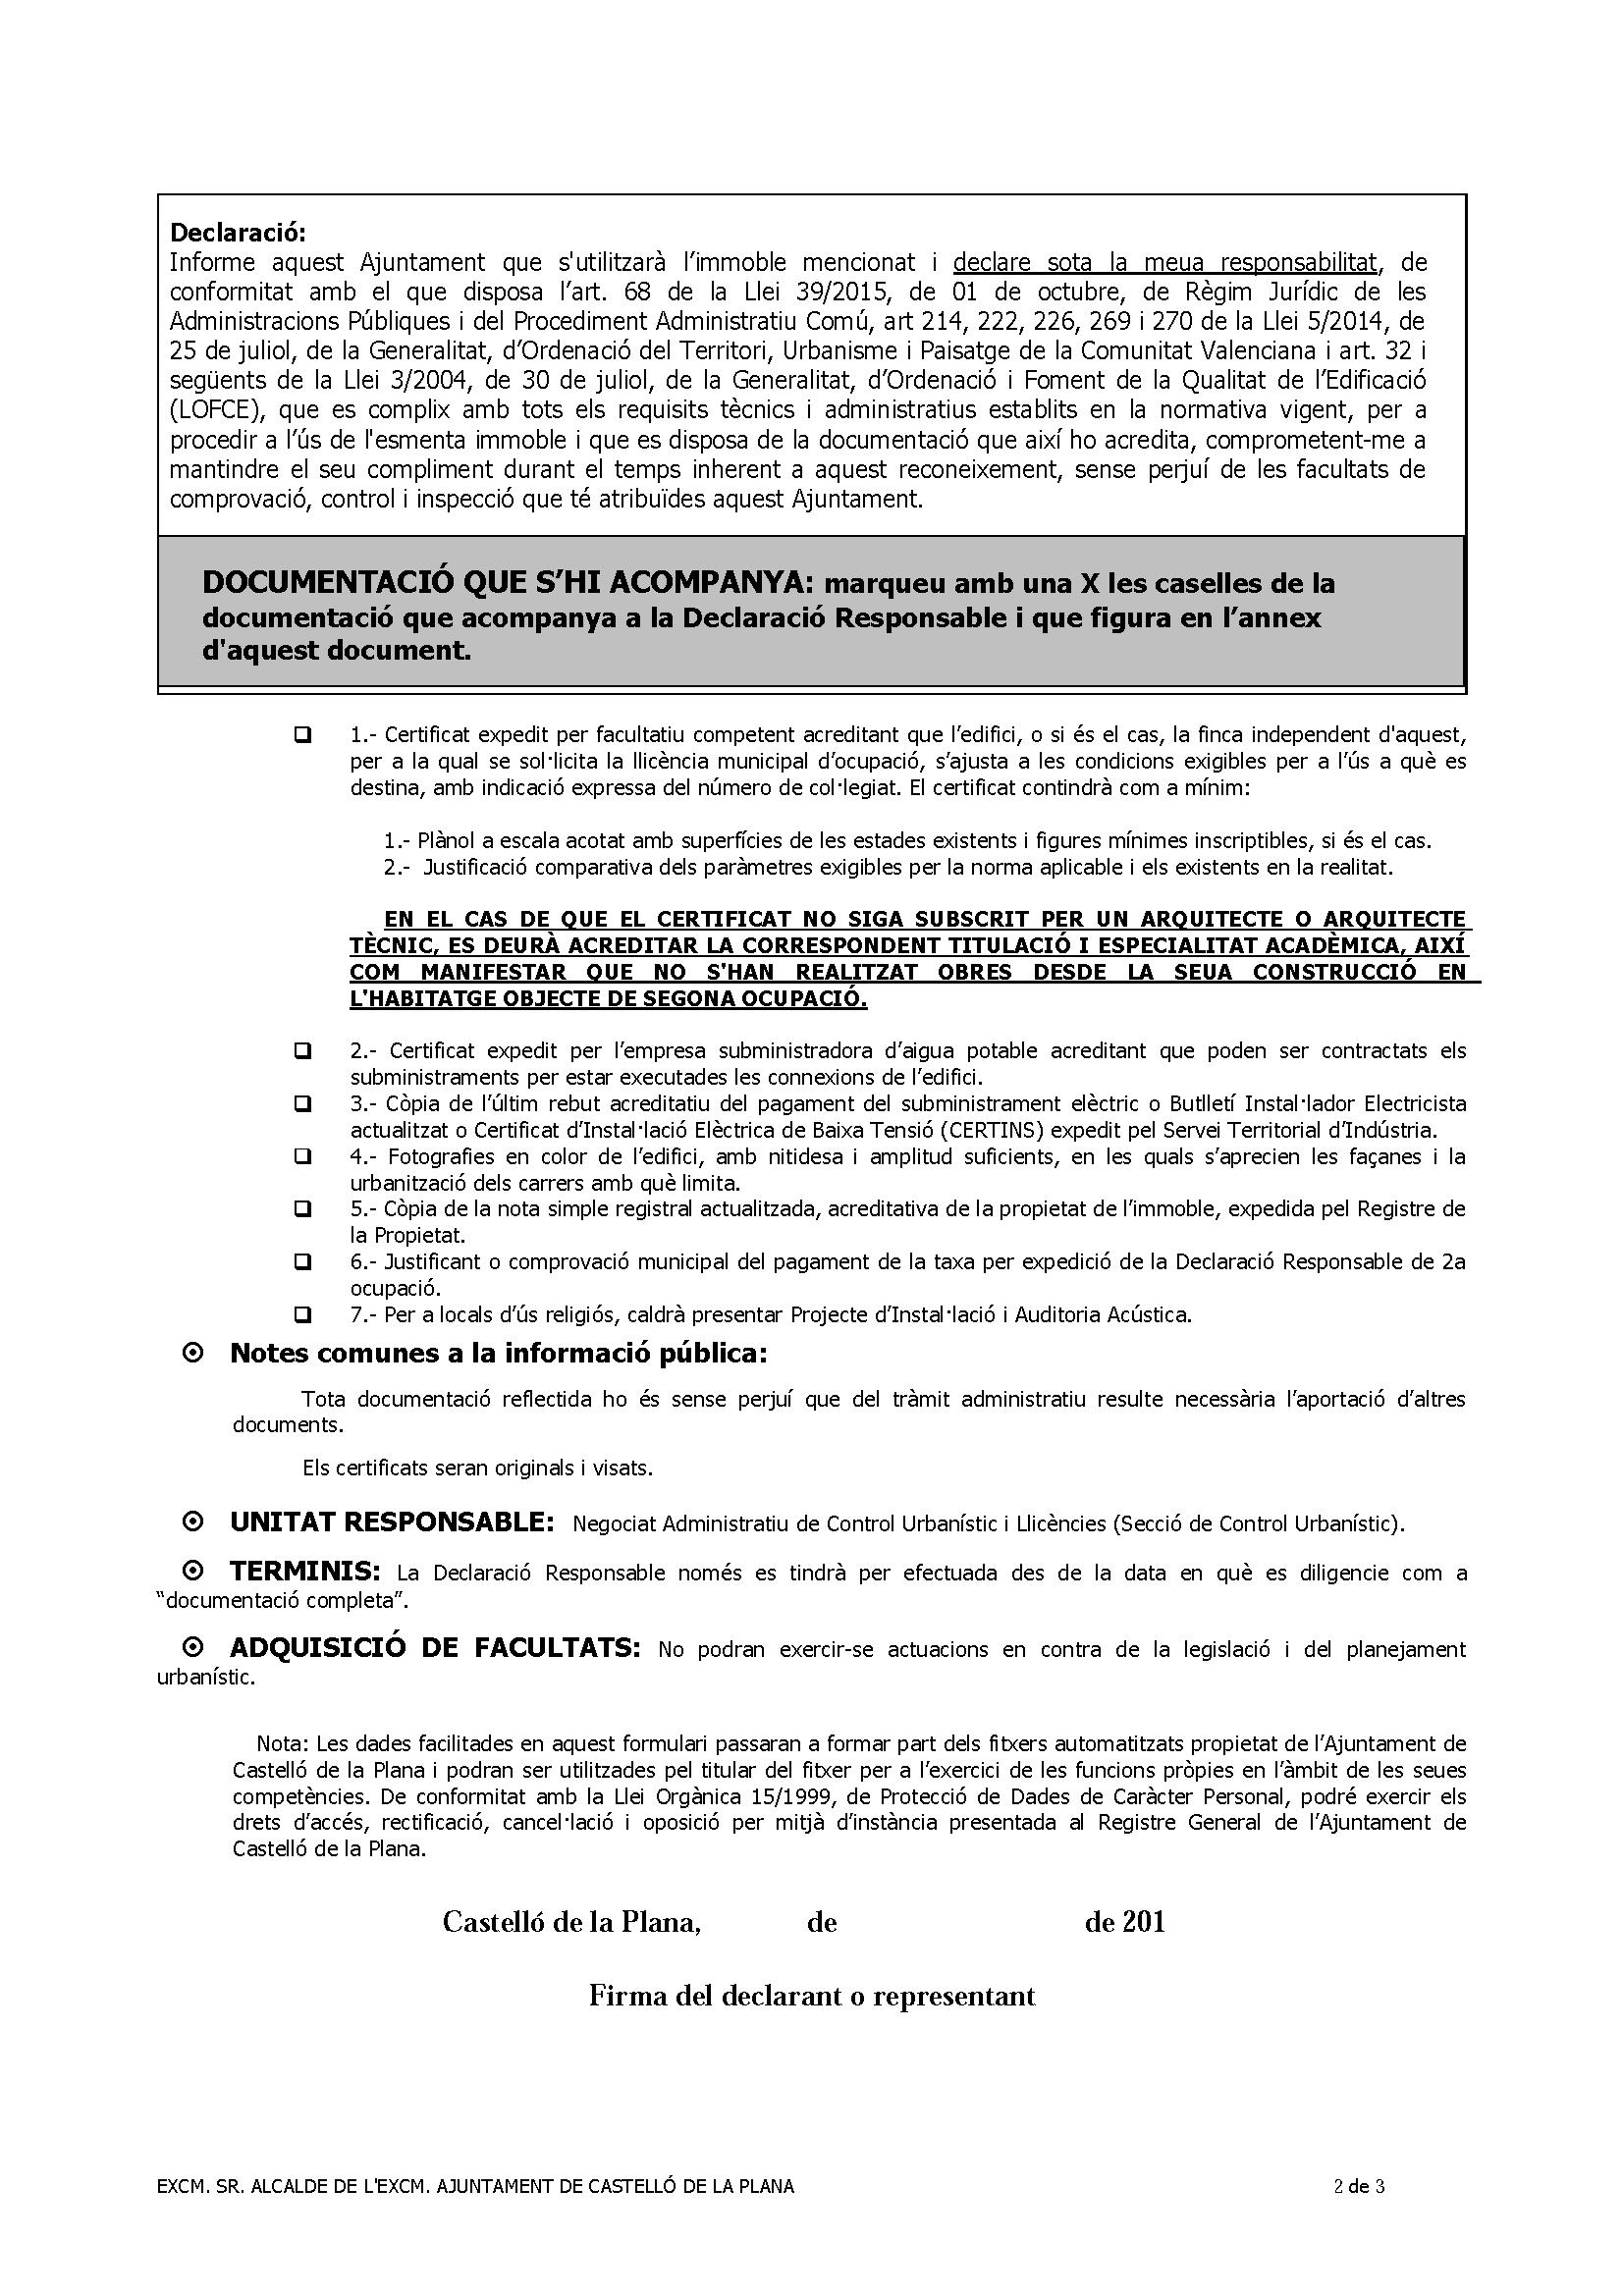 Impreso Declaración Responsable Segunda Ocupación Castellón de la Plana/Castelló